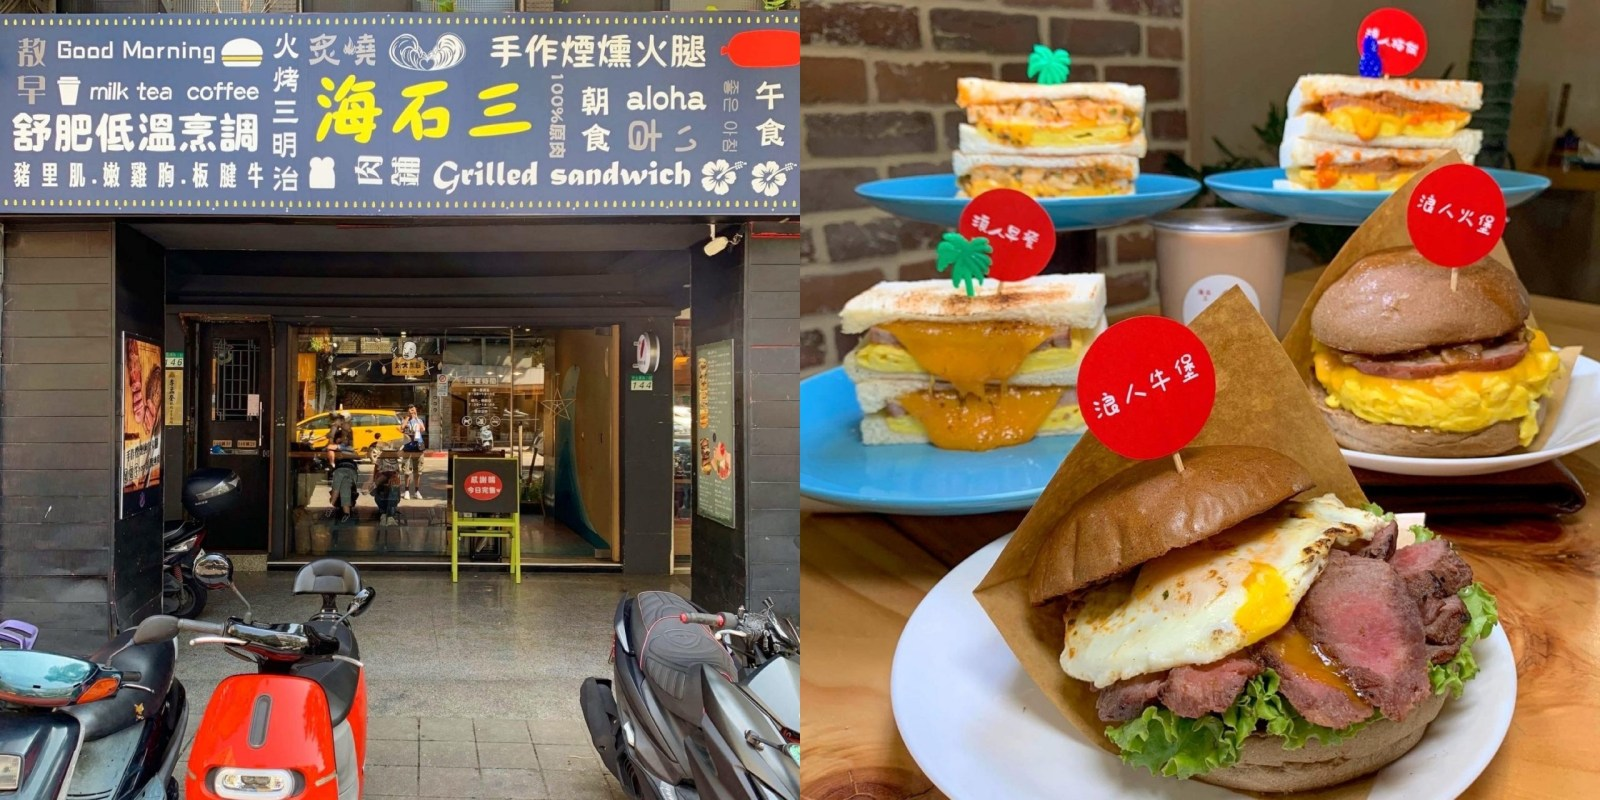 [台北美食] 海石三 - 獨家提供手工煙燻火腿和舒肥低溫烹調的早午餐!